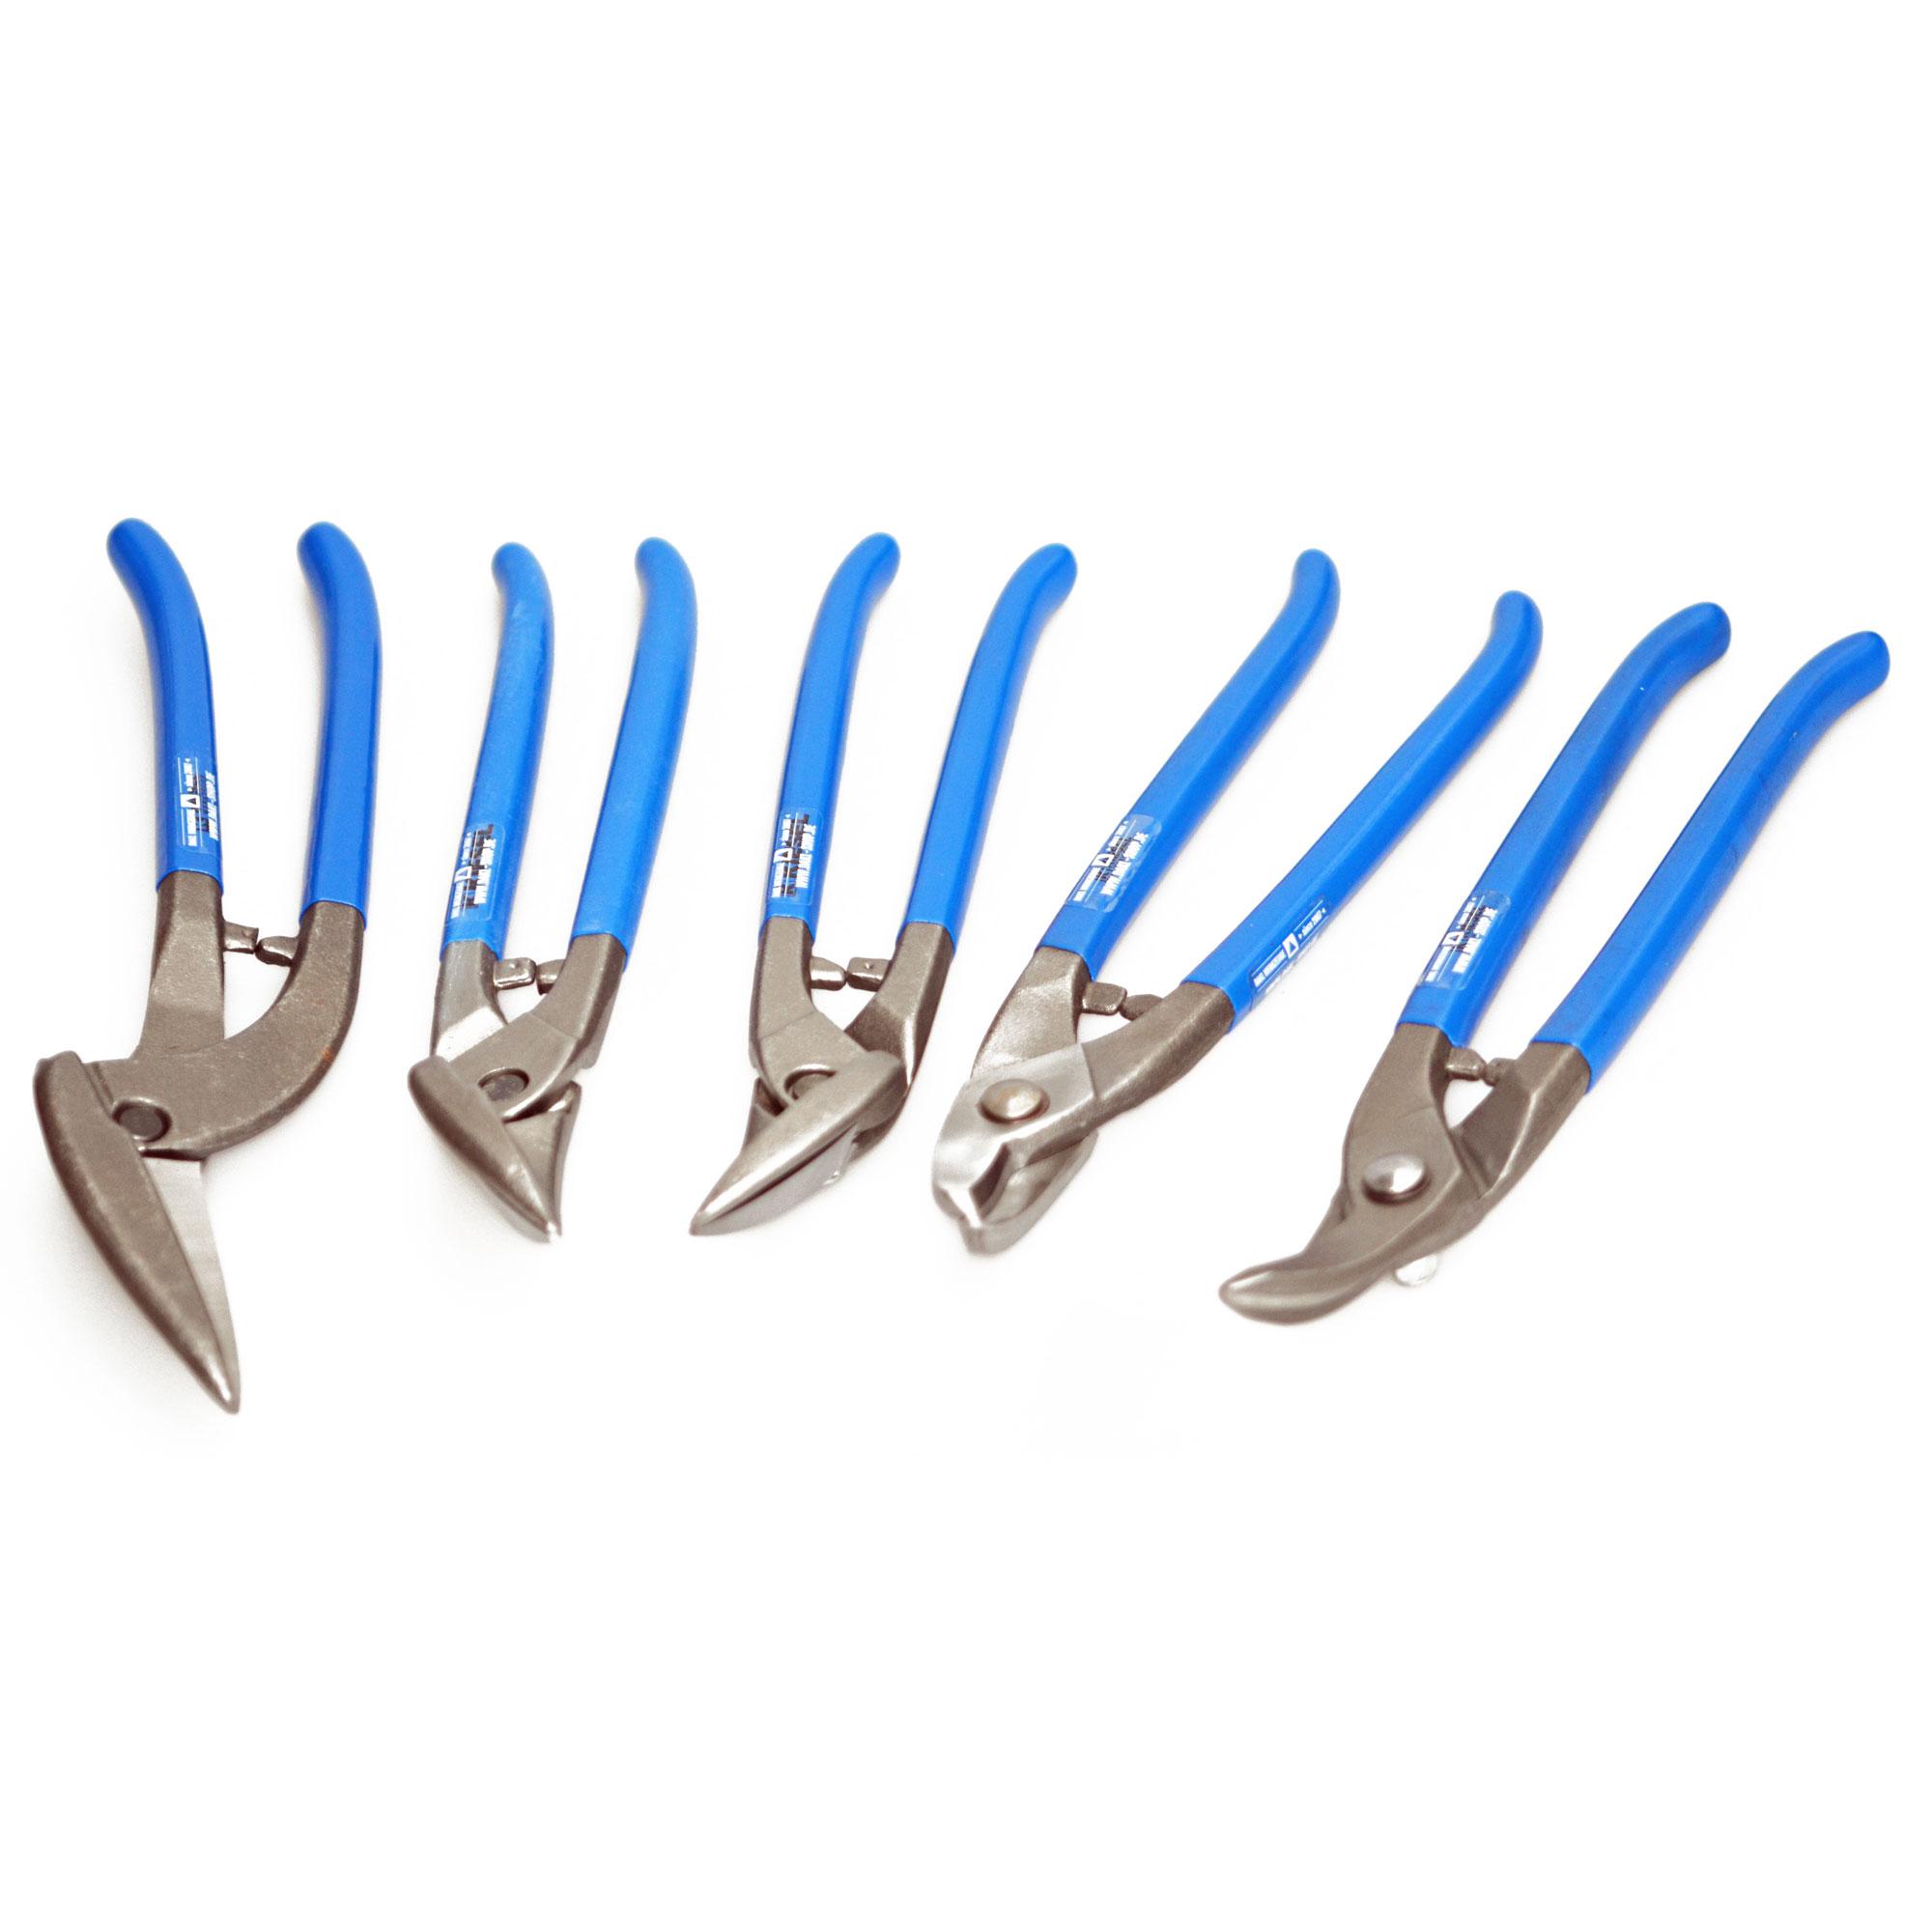 DAKL Profiset Rundlochscheren links und rechts PVC-blau Rundschere